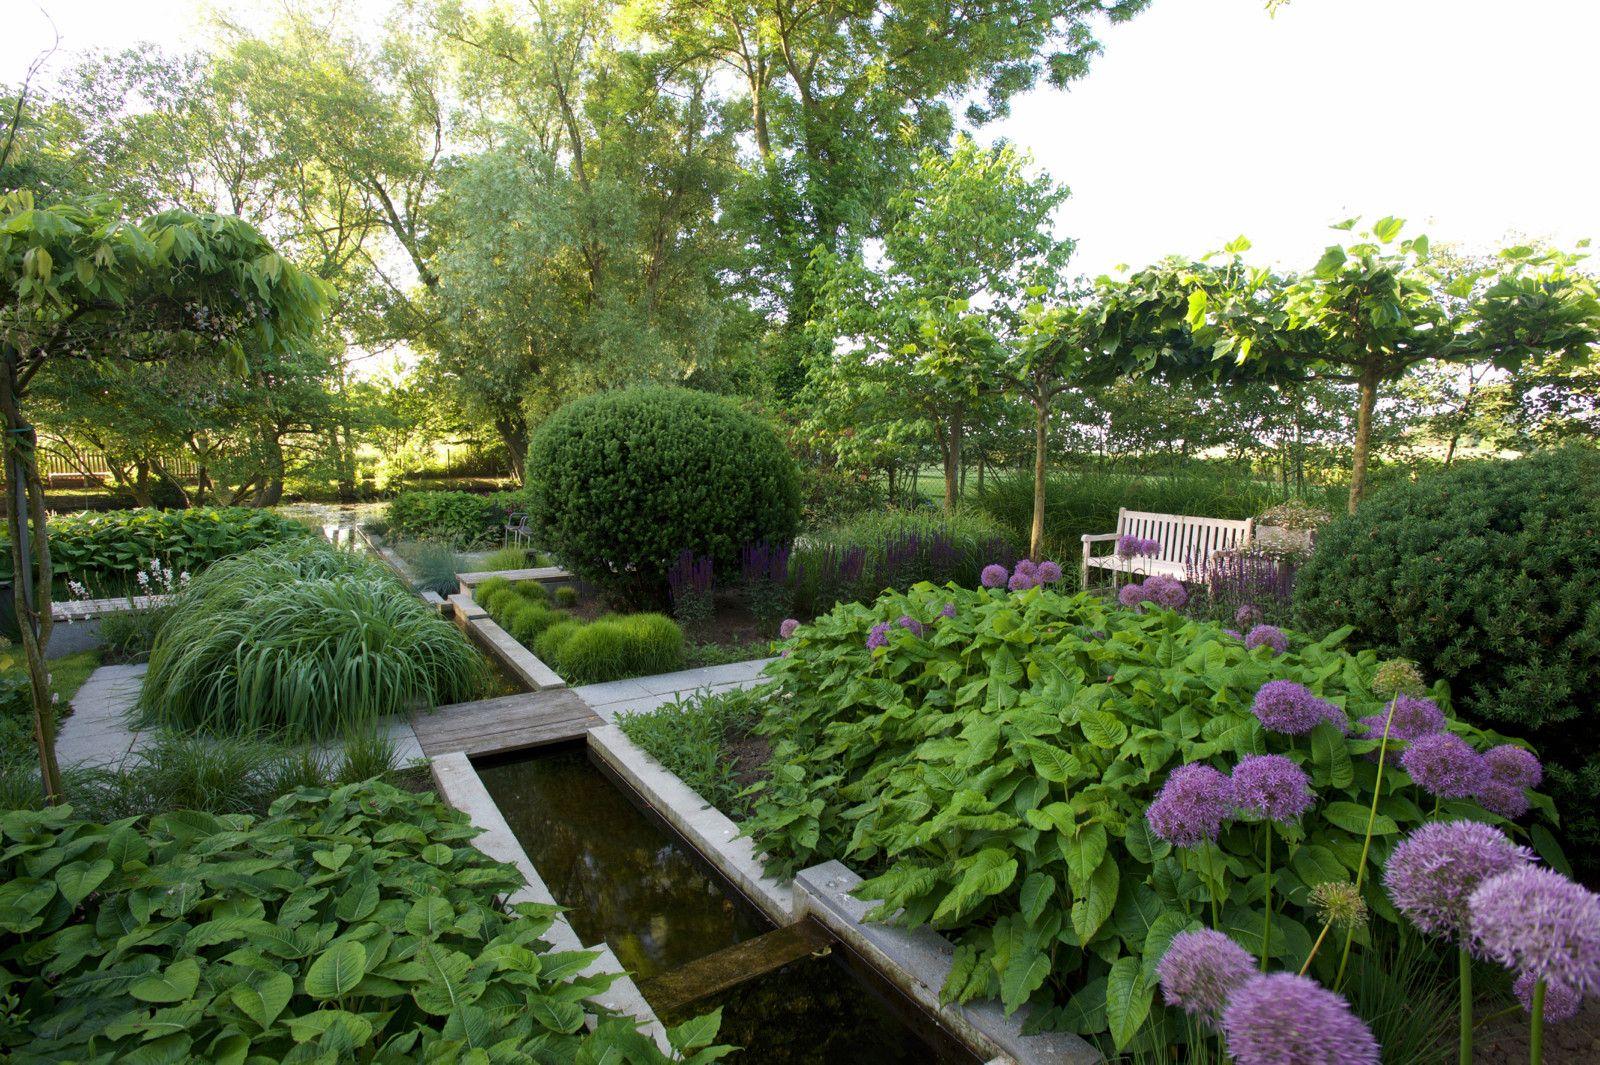 grafgarten, grafgarten akademie | moderne gräsergärten | pinterest | schleswig, Design ideen